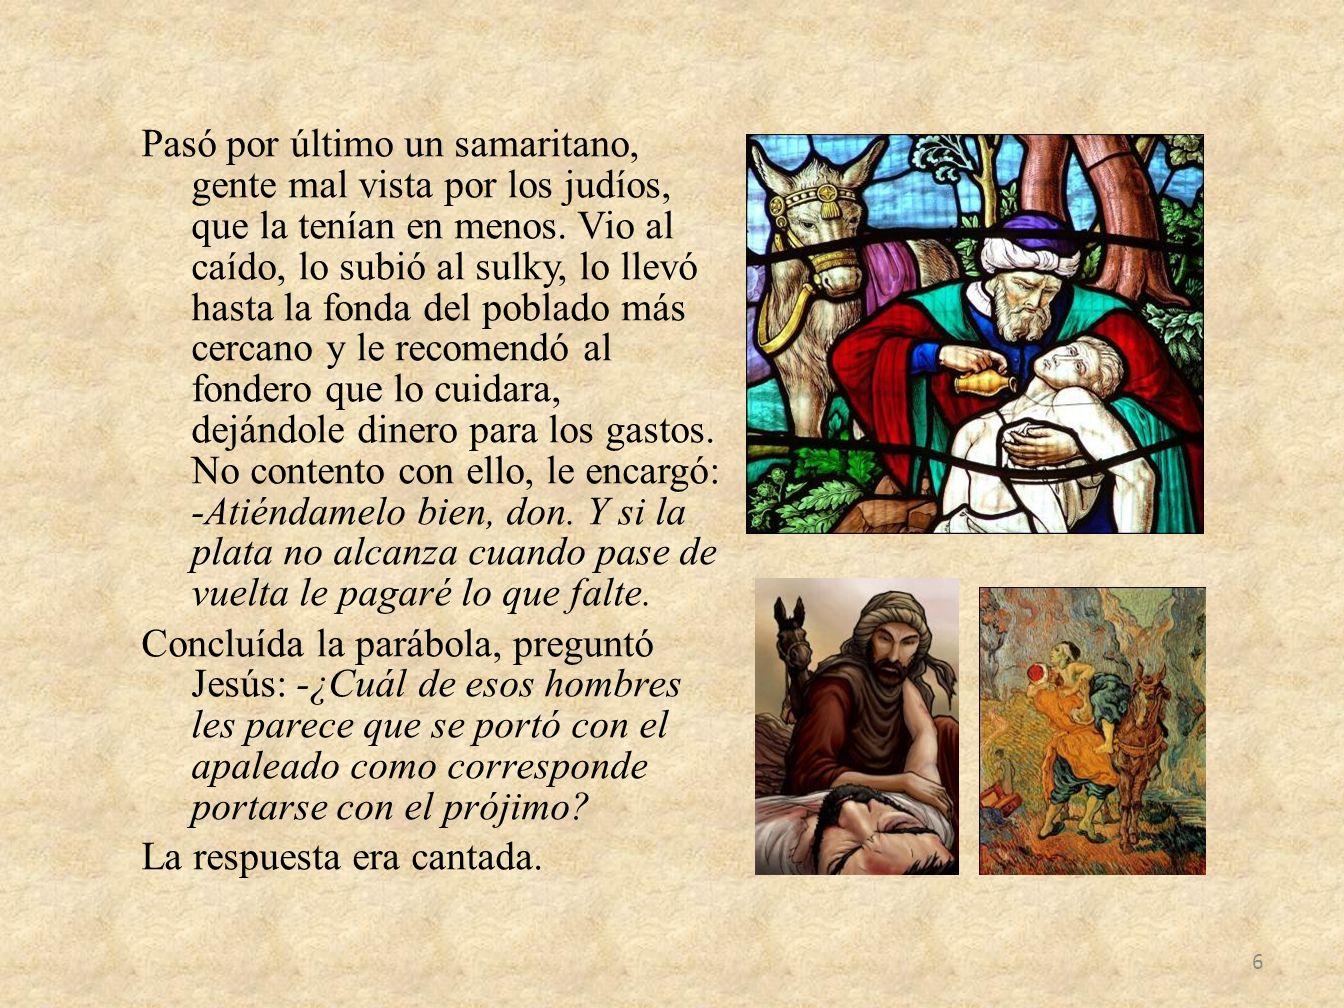 El sacerdote inciensa las ofrendas con tres movimientos de turíbulo, antes de la incensación de la cruz y del altar, o bien trazando con el turíbulo el signo de la cruz sobre las ofrendas.